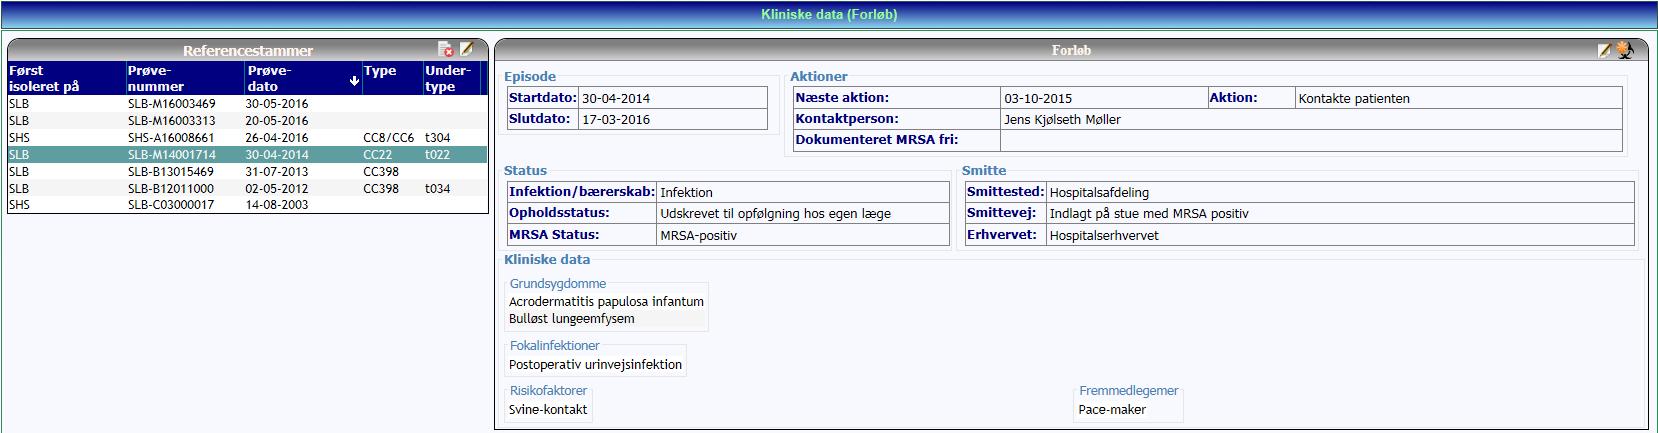 Kliniske data_refstamme